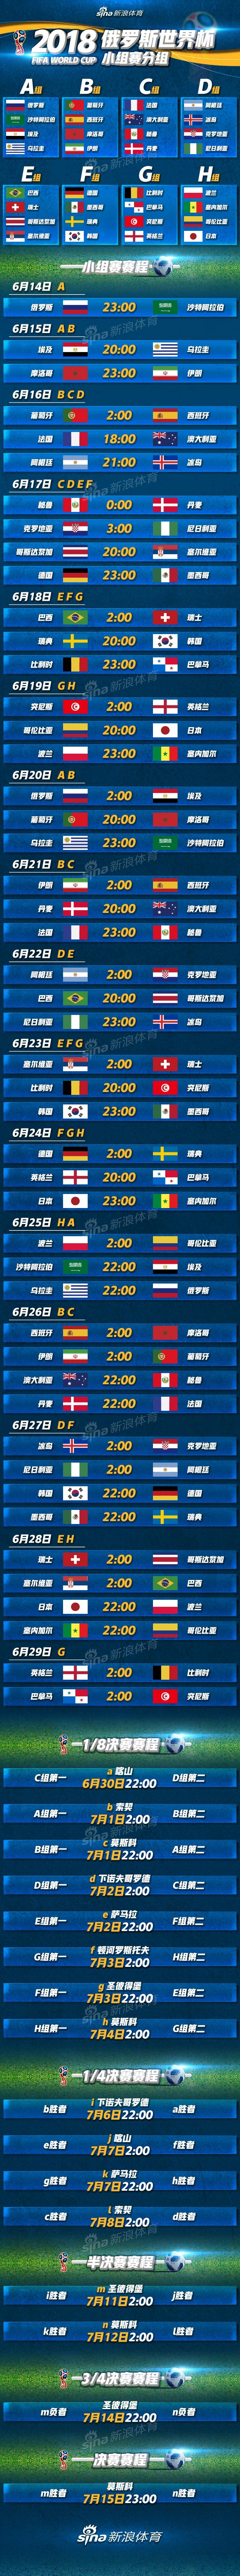 2018俄罗斯世界杯分组赛程